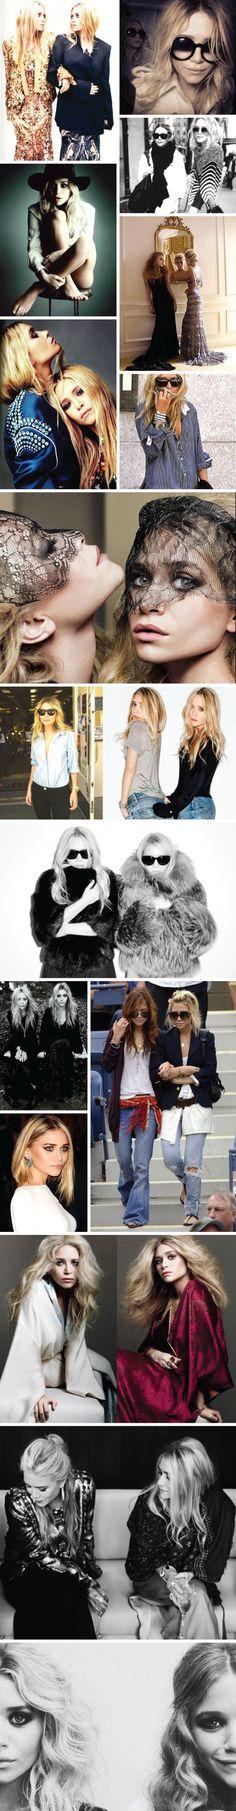 mary kate and ashley olsen style inspiration www.llbblog.com